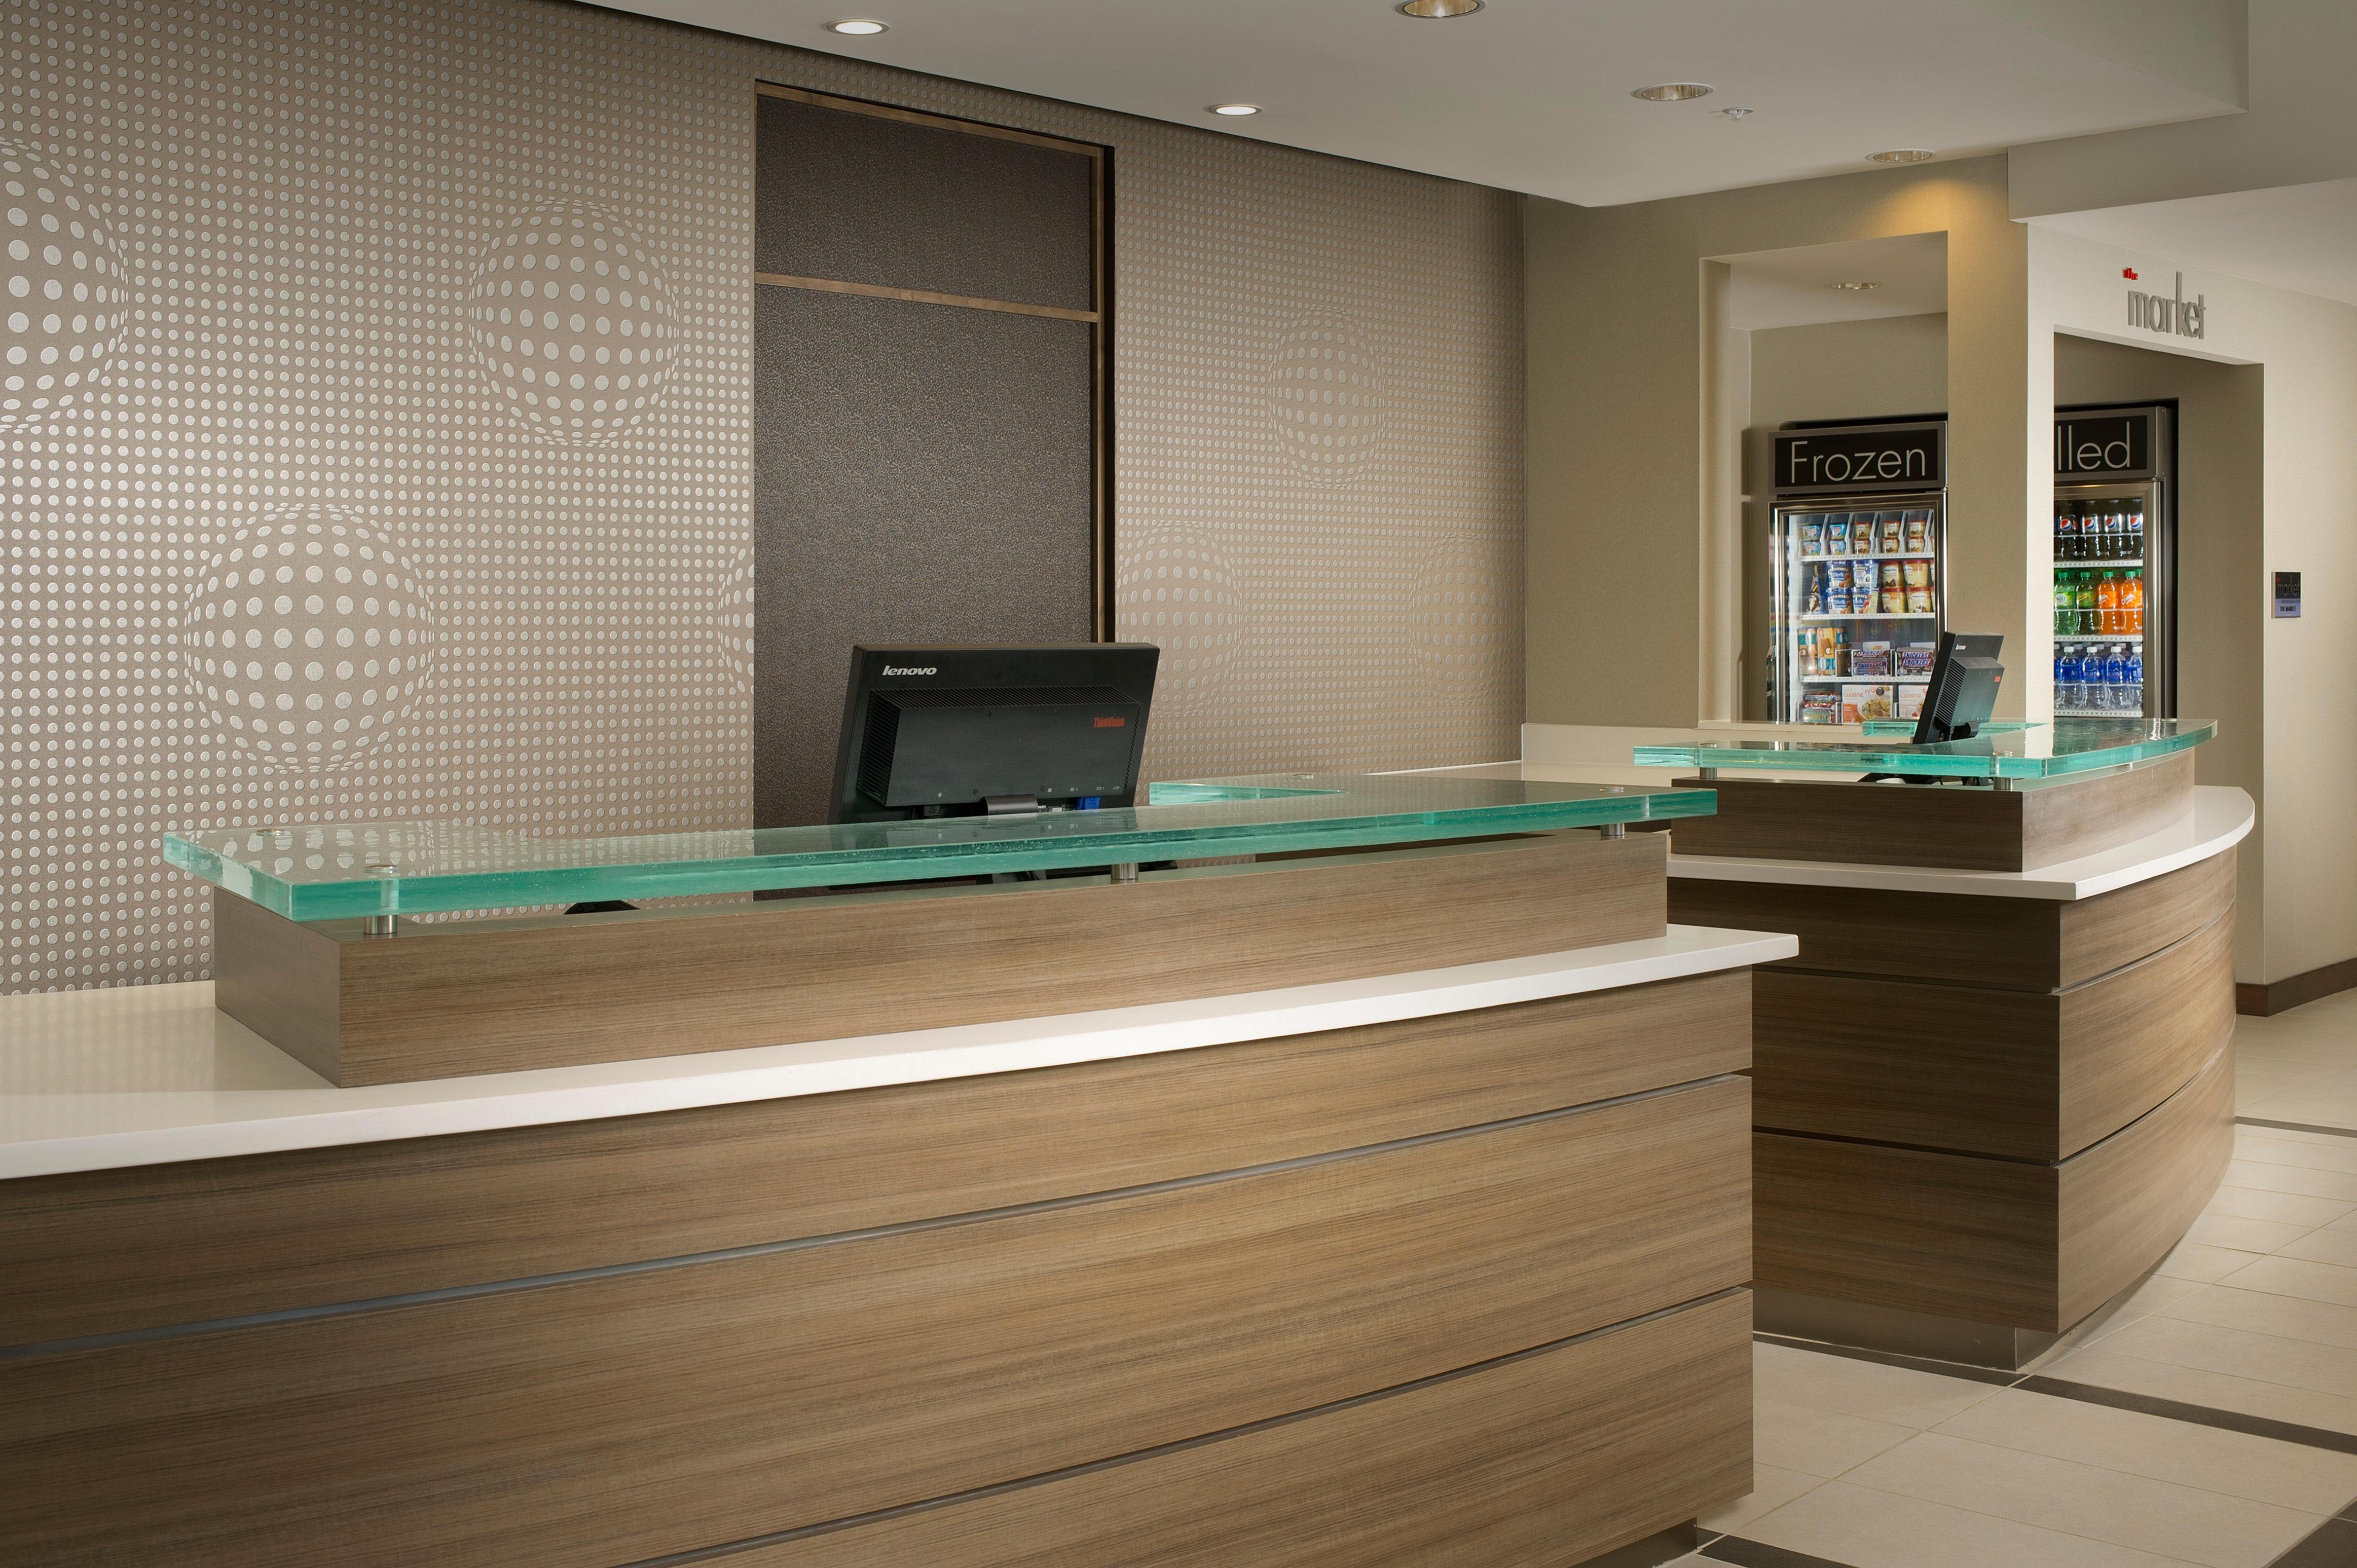 Residence Inn by Marriott Nashville SE/Murfreesboro image 7